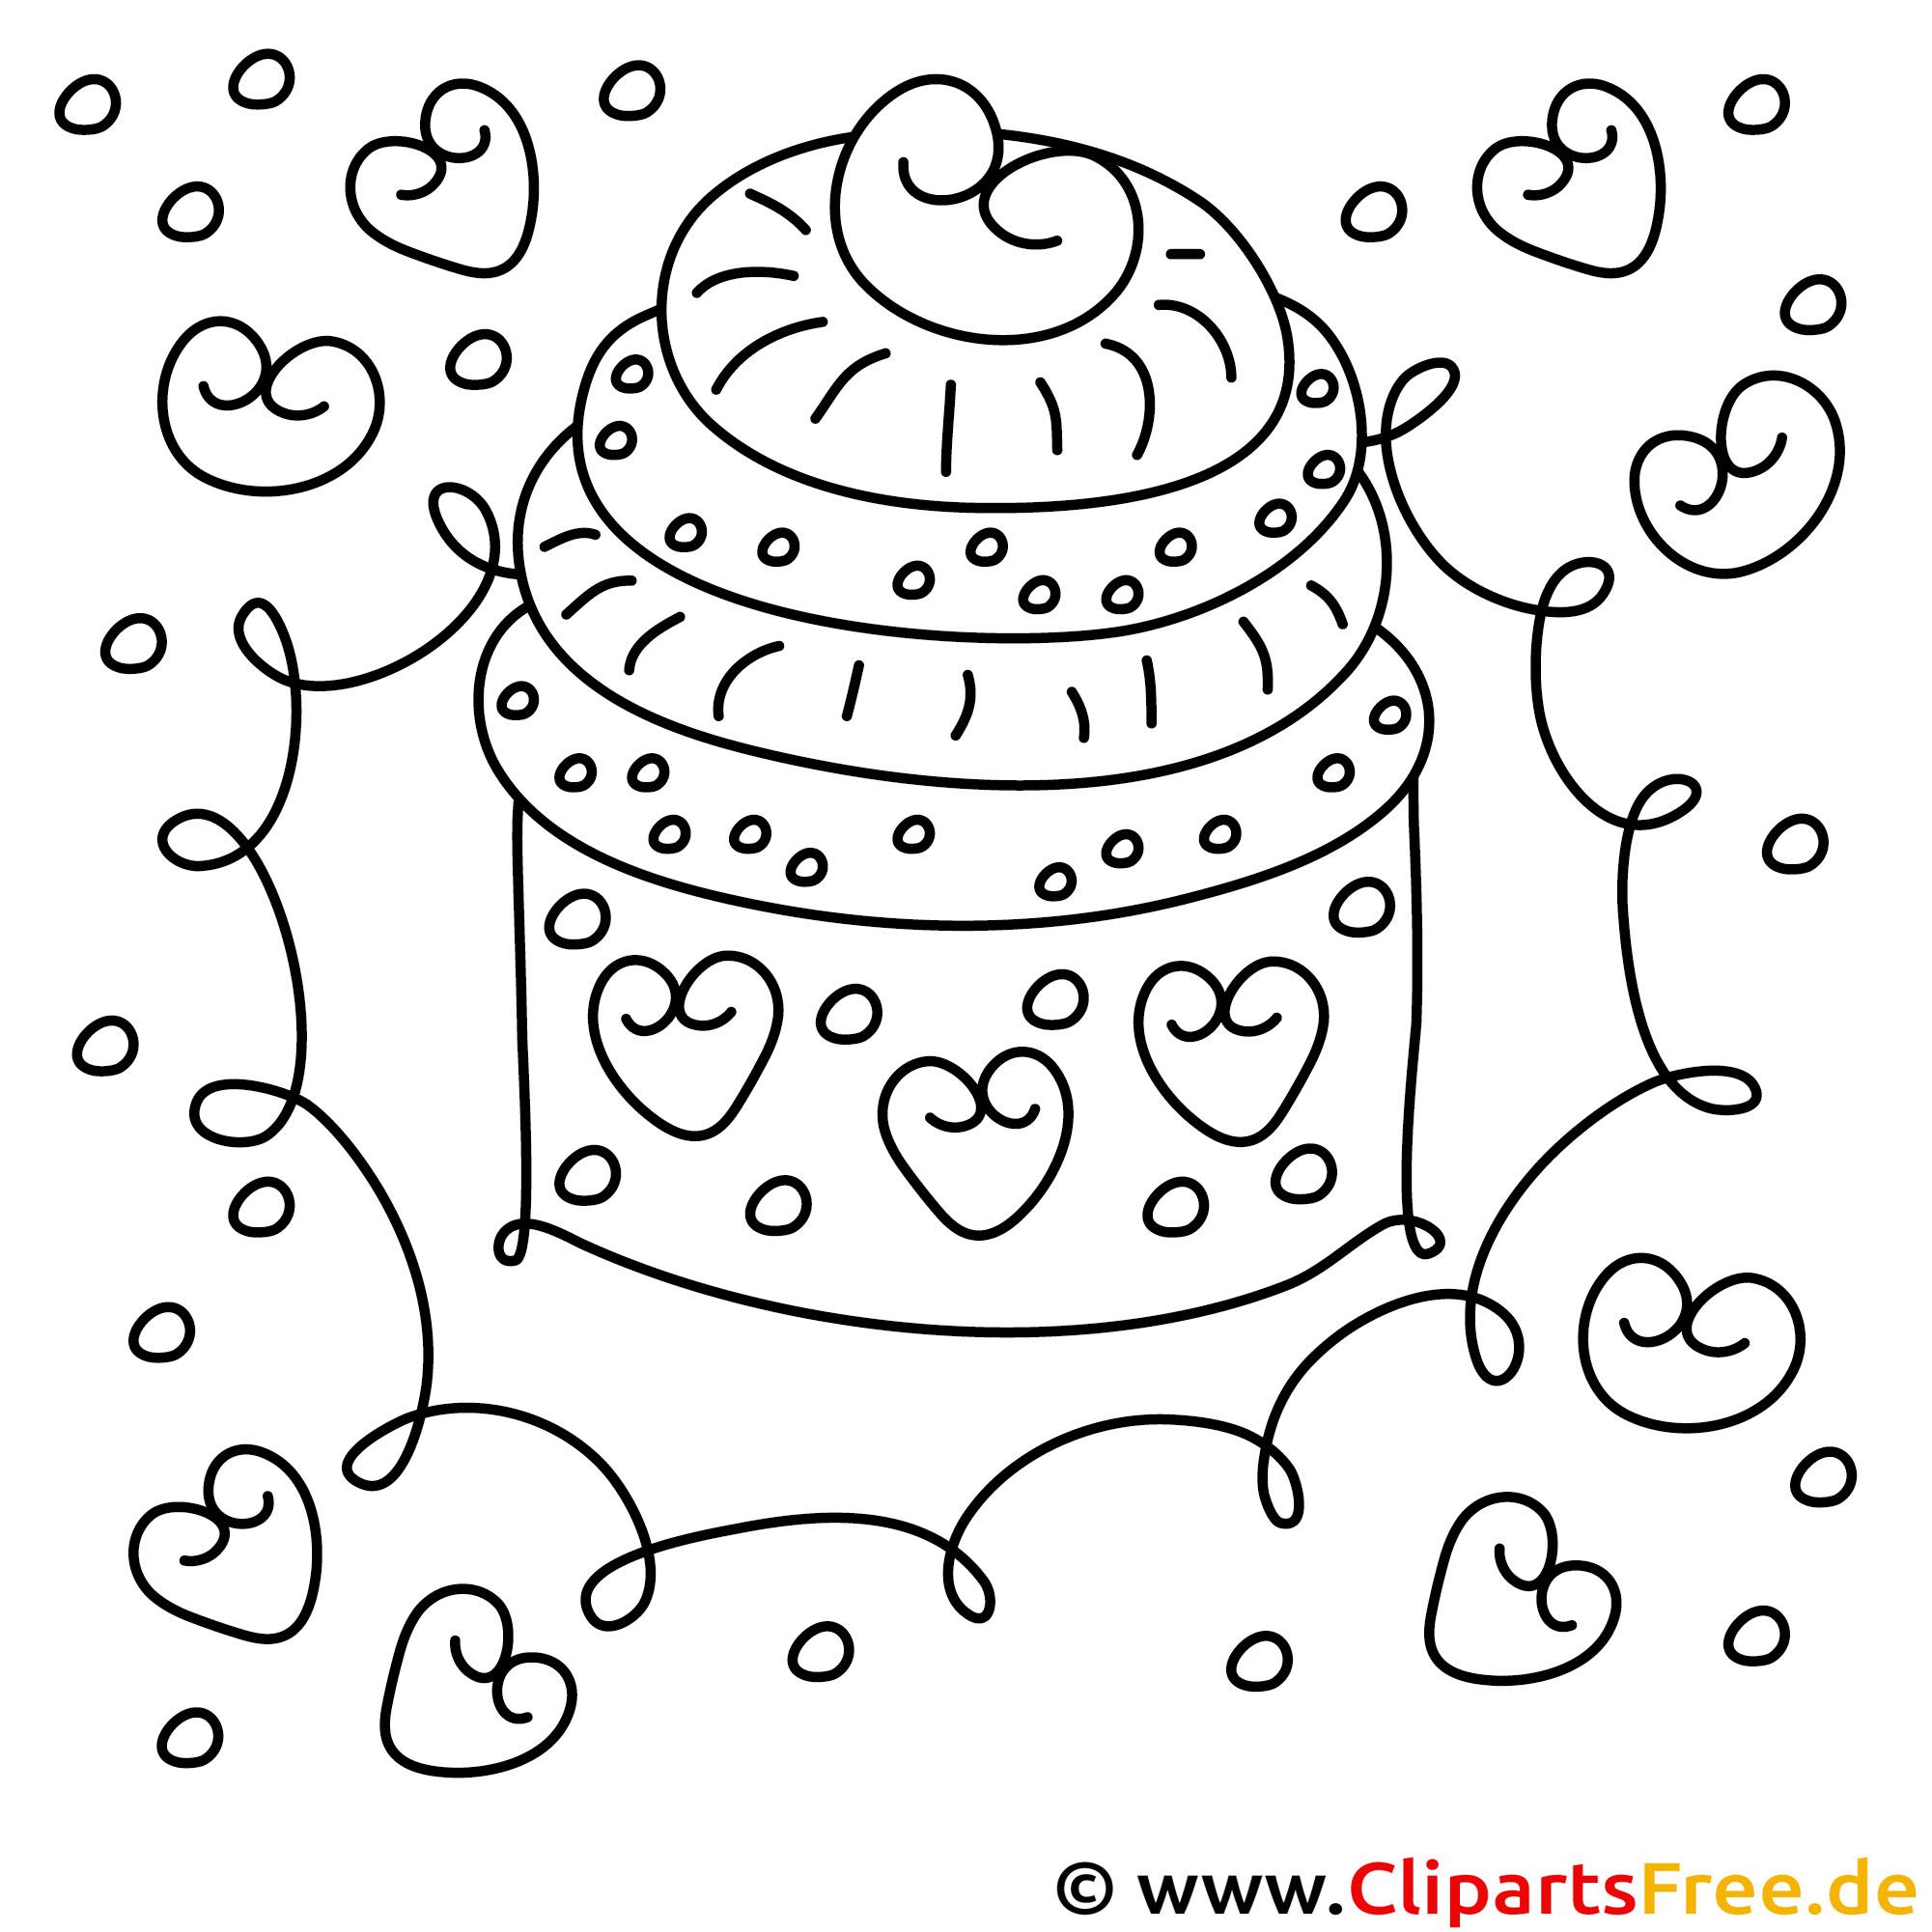 Kuchen zum Geburtstag Bild zum Ausmalen Malvorlage